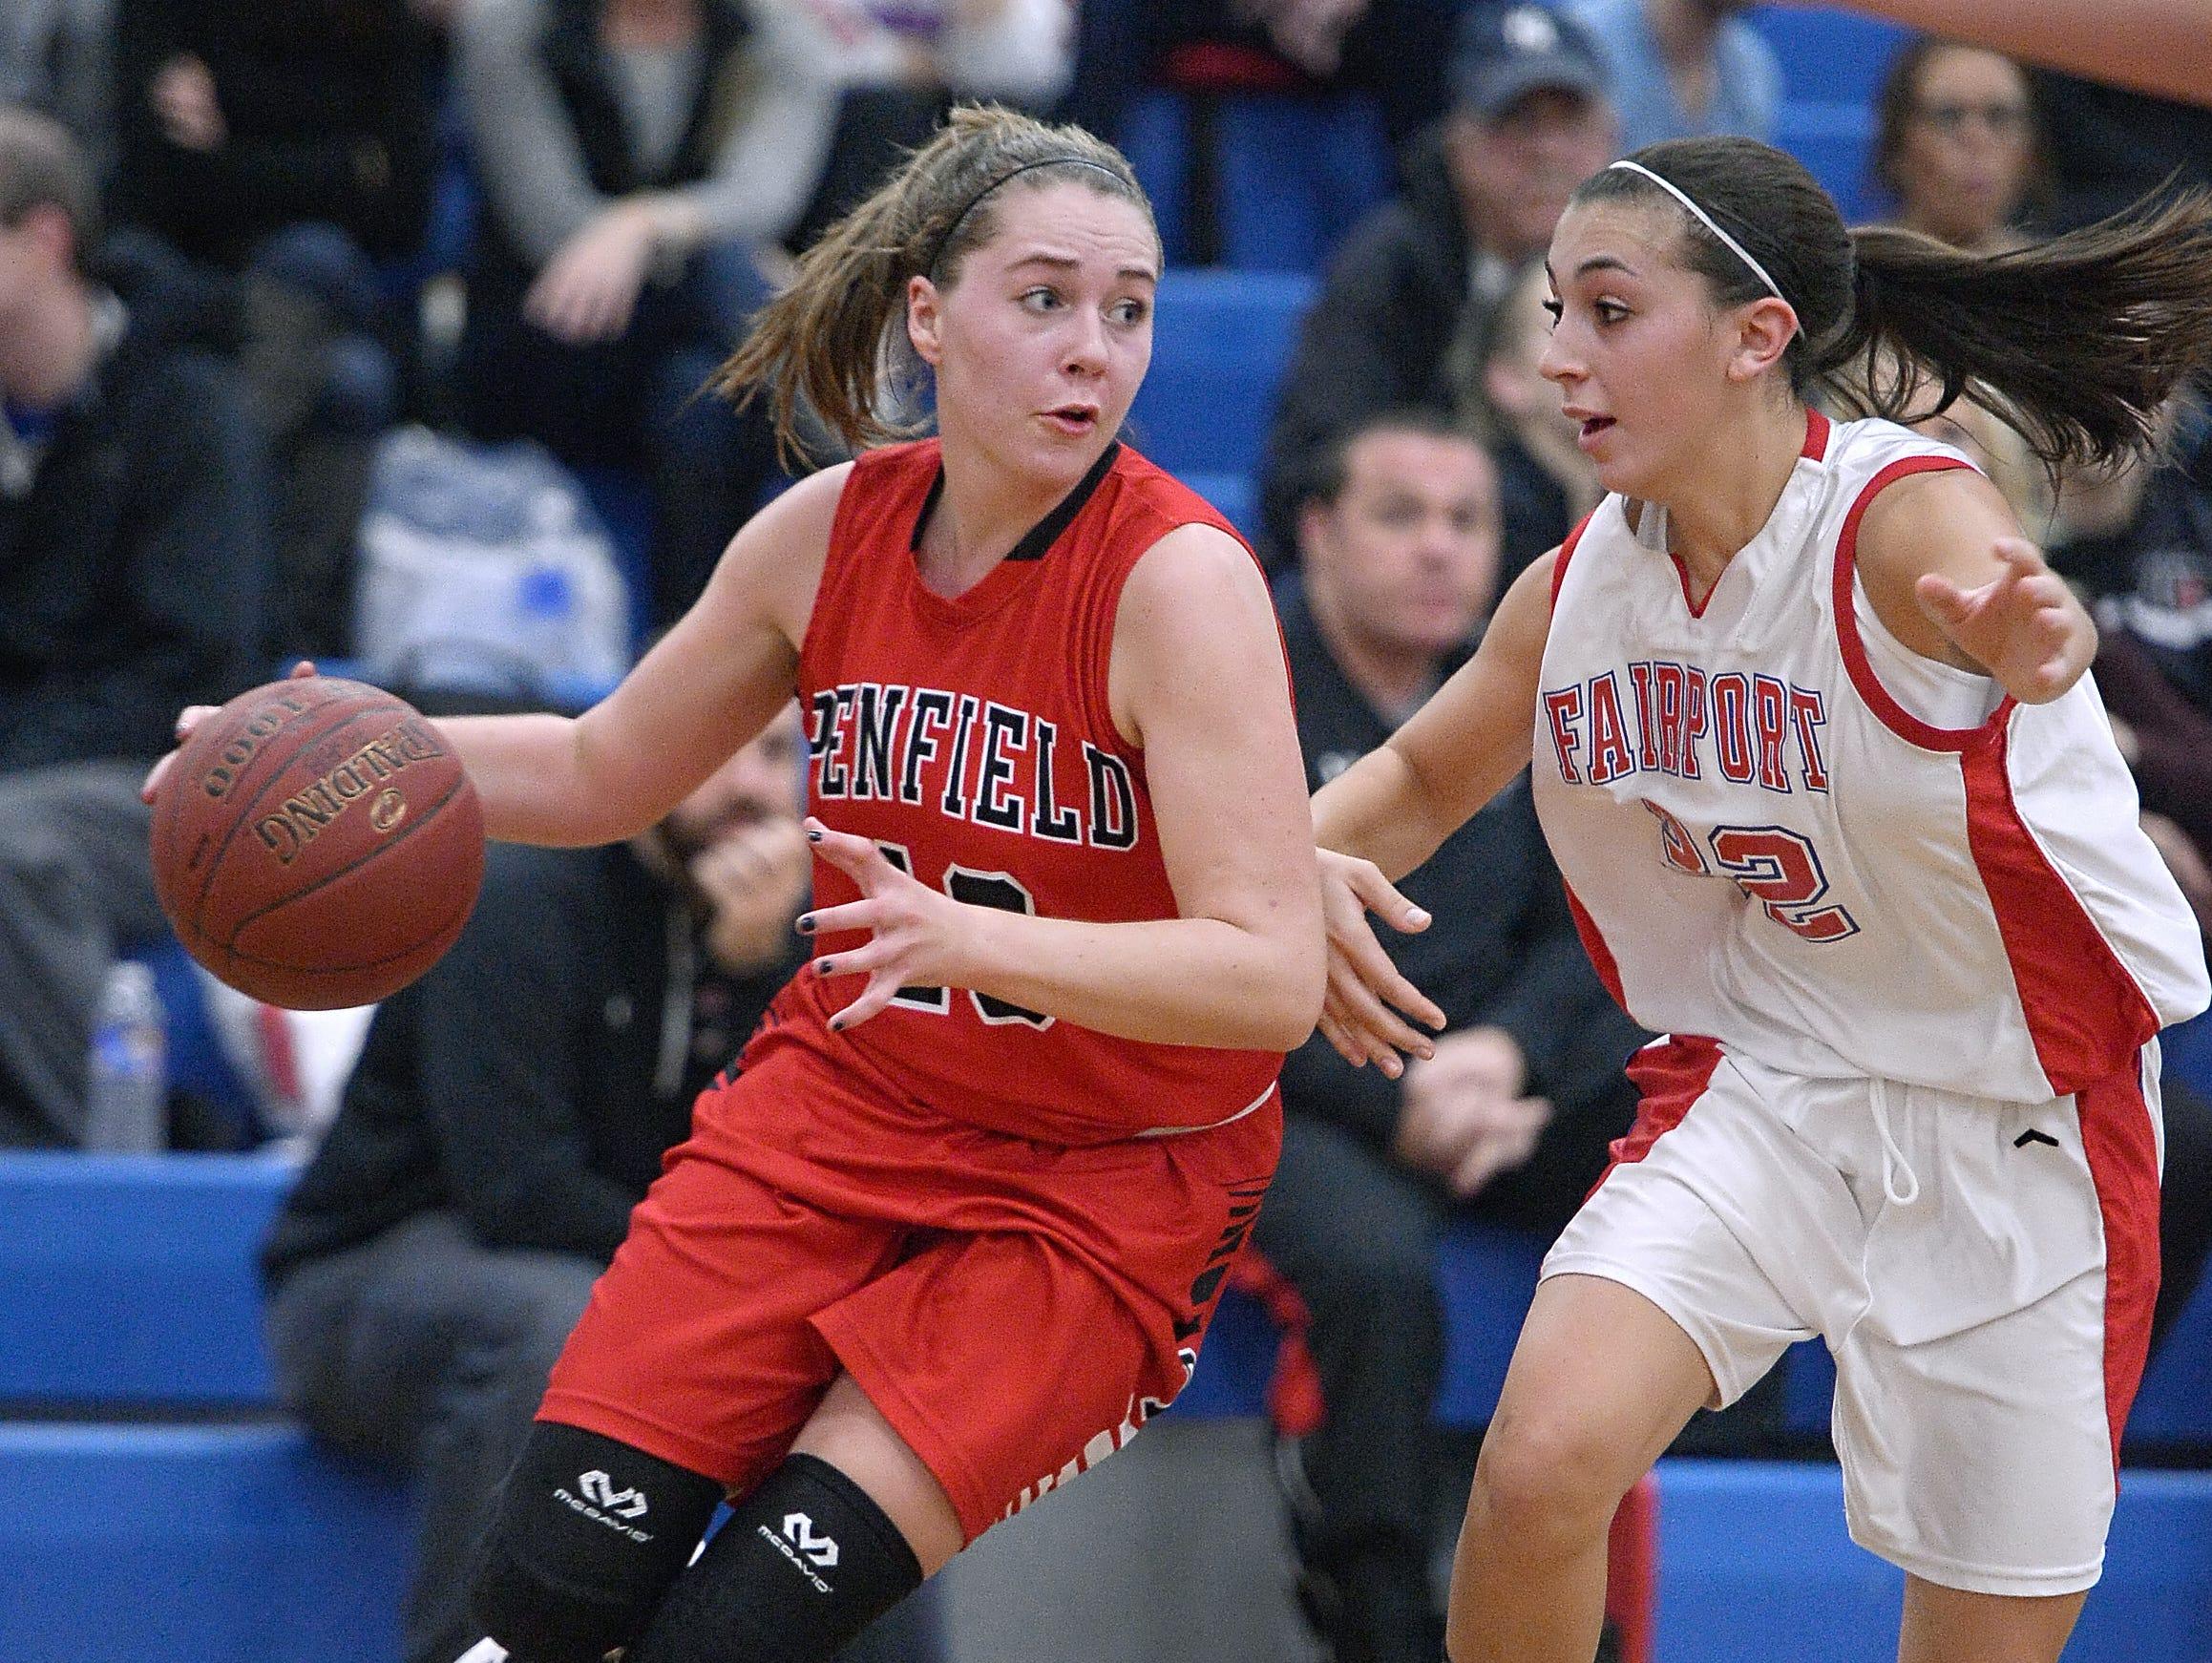 Penfield's Kristen Baumer, left, drives the baseline against Fairport's Megan Yawman.